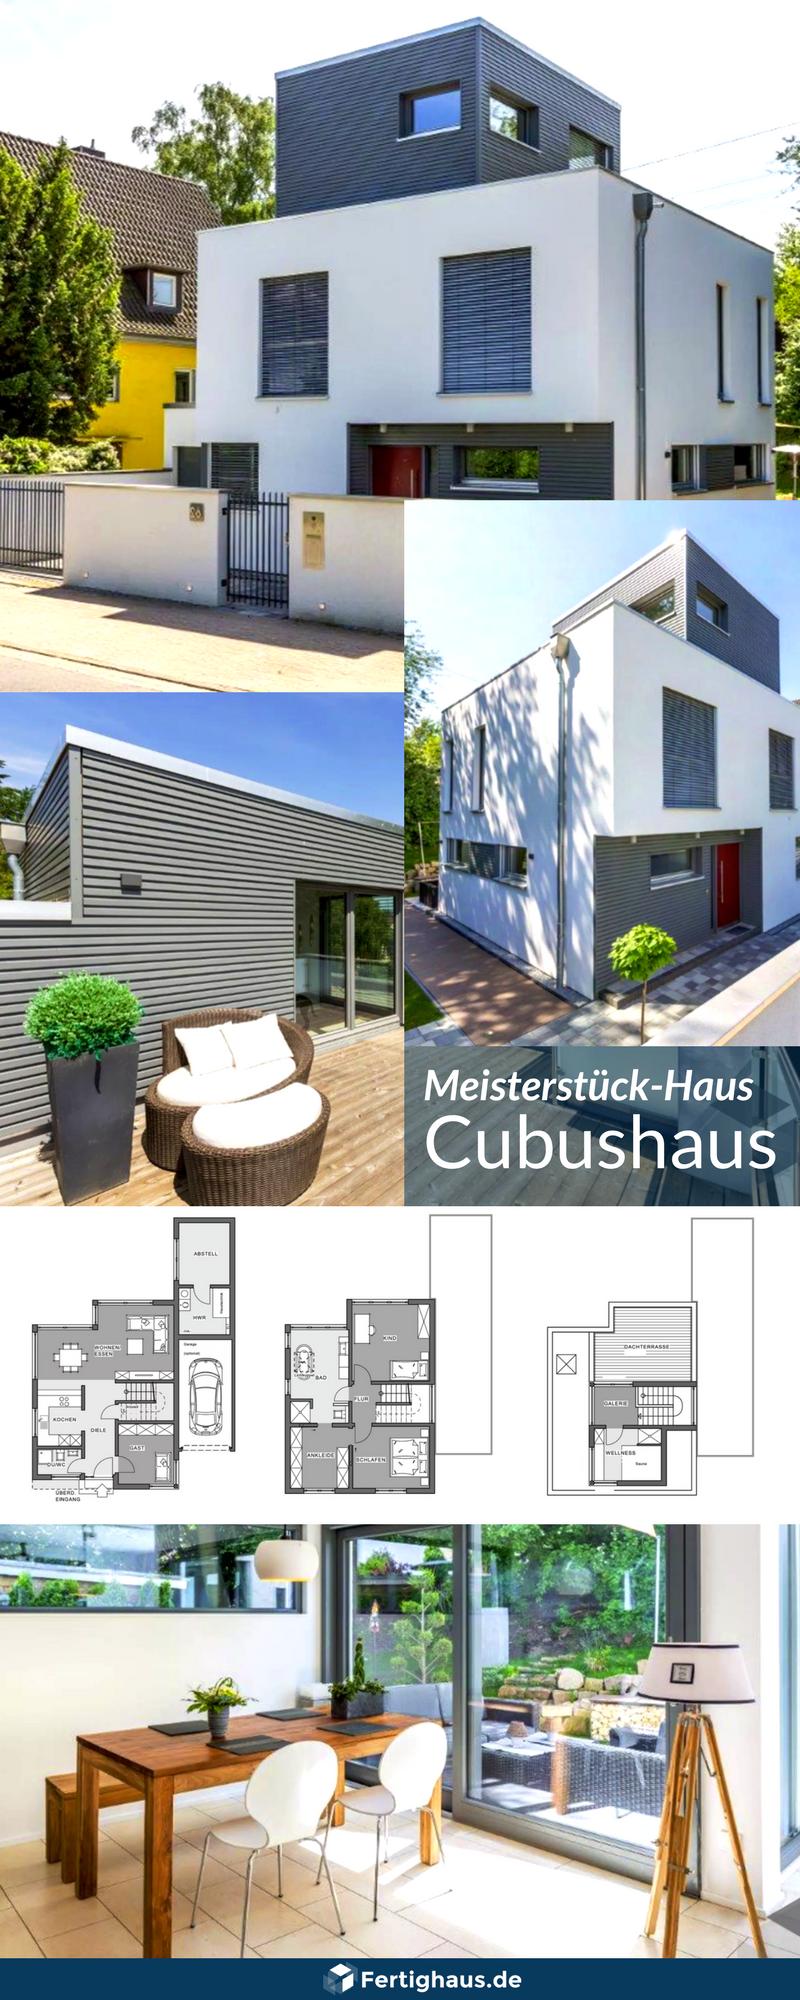 Cubushaus Mit Sehr Kleiner Grundflache Von Meisterstuck Haus